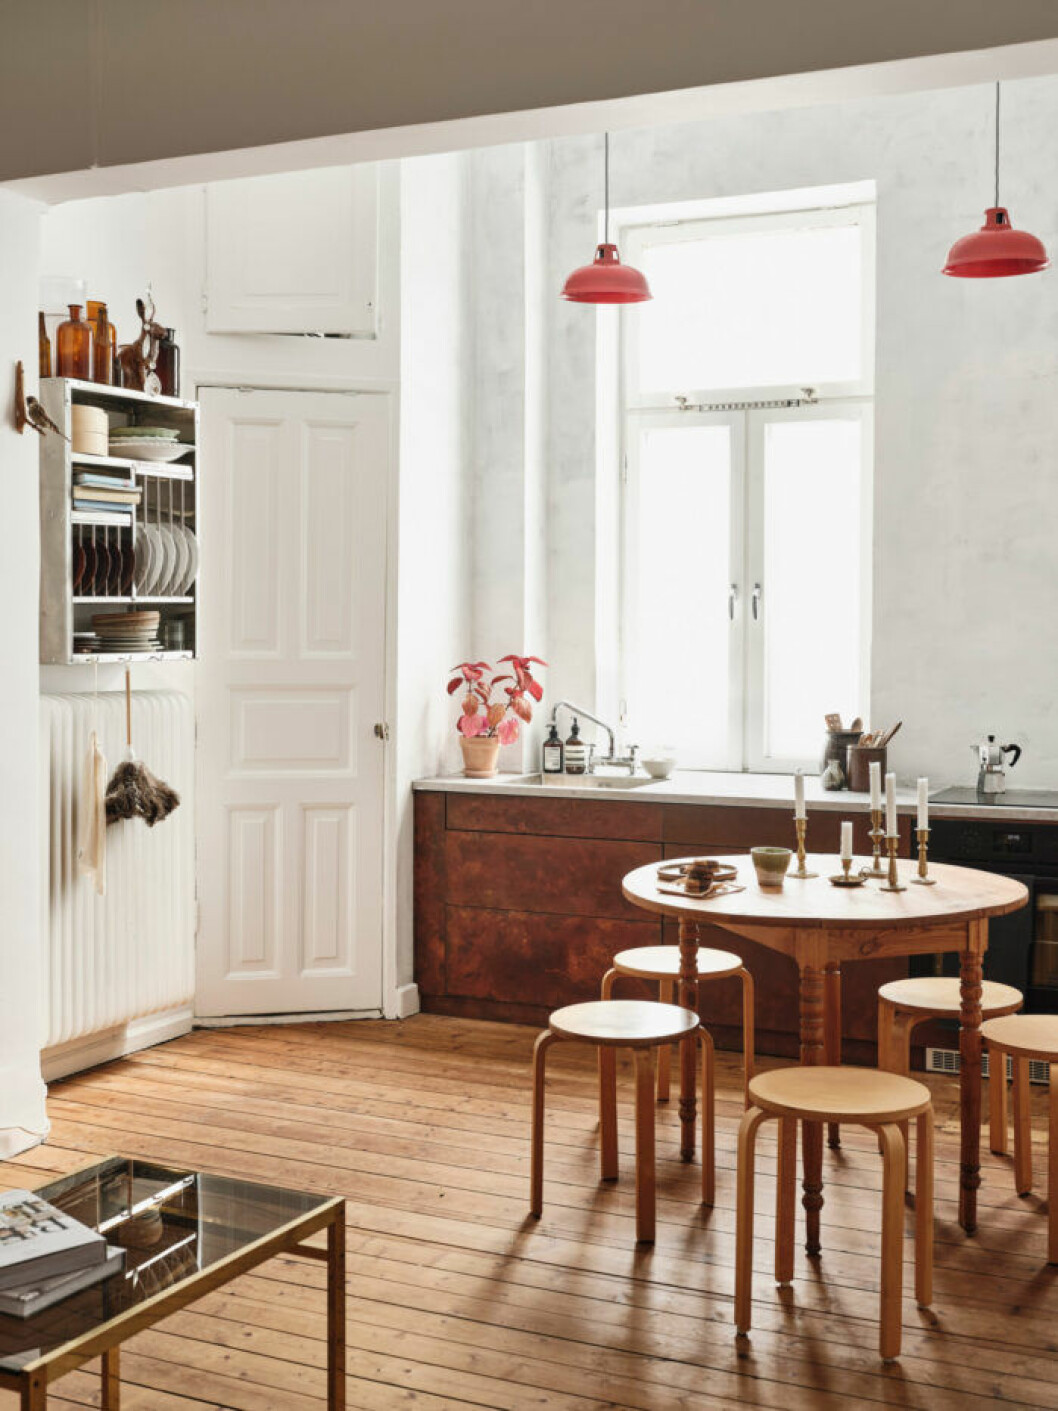 Sekelskifteslägenhet i Malmö, kök i trä